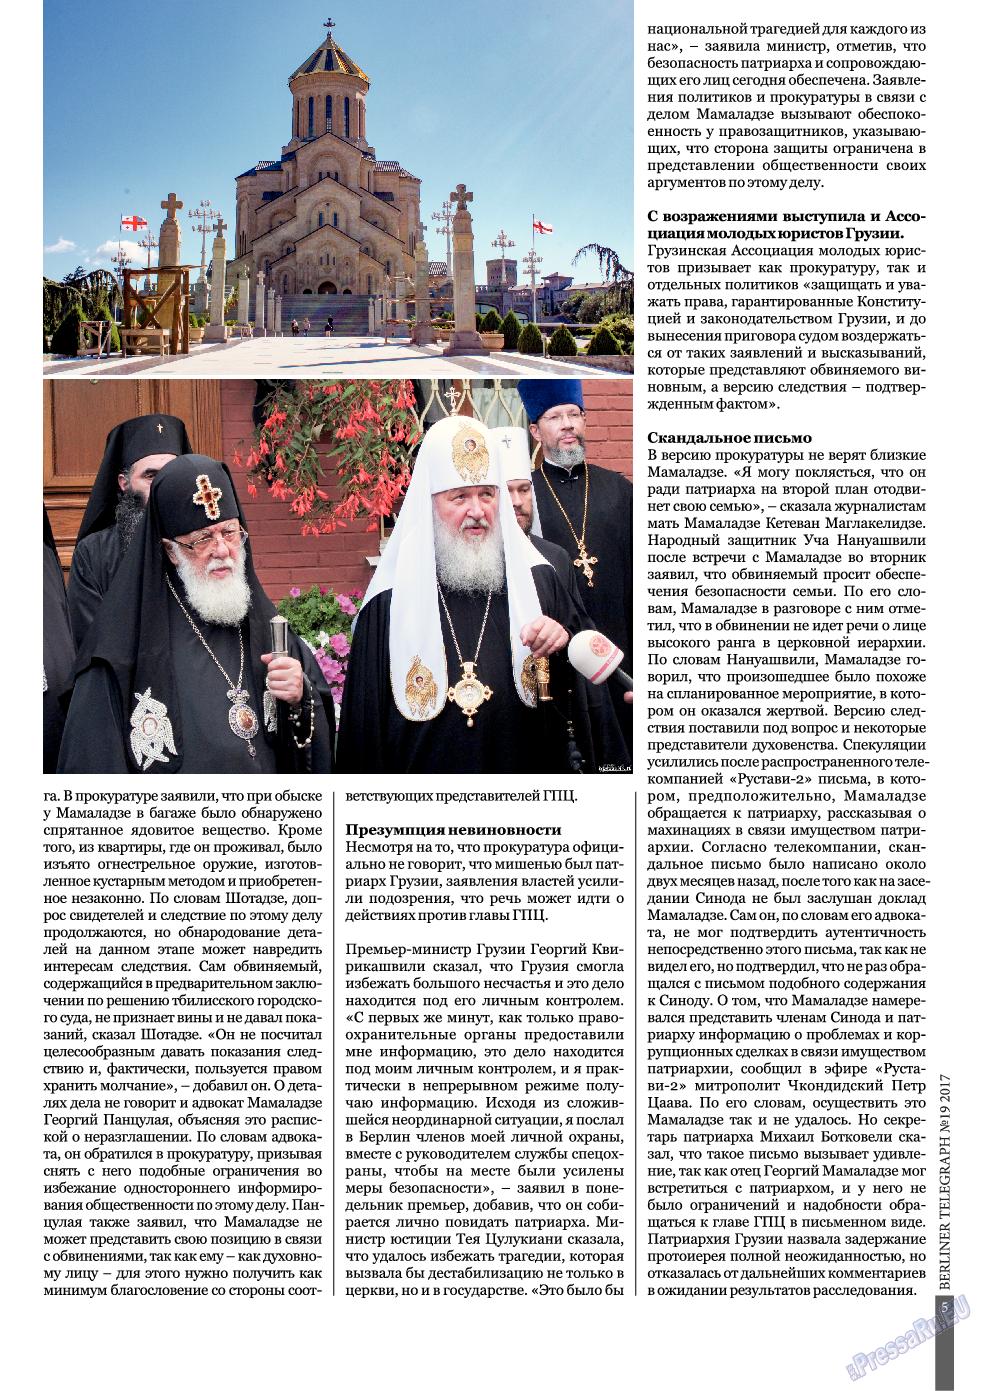 Берлинский телеграф (журнал). 2017 год, номер 19, стр. 5